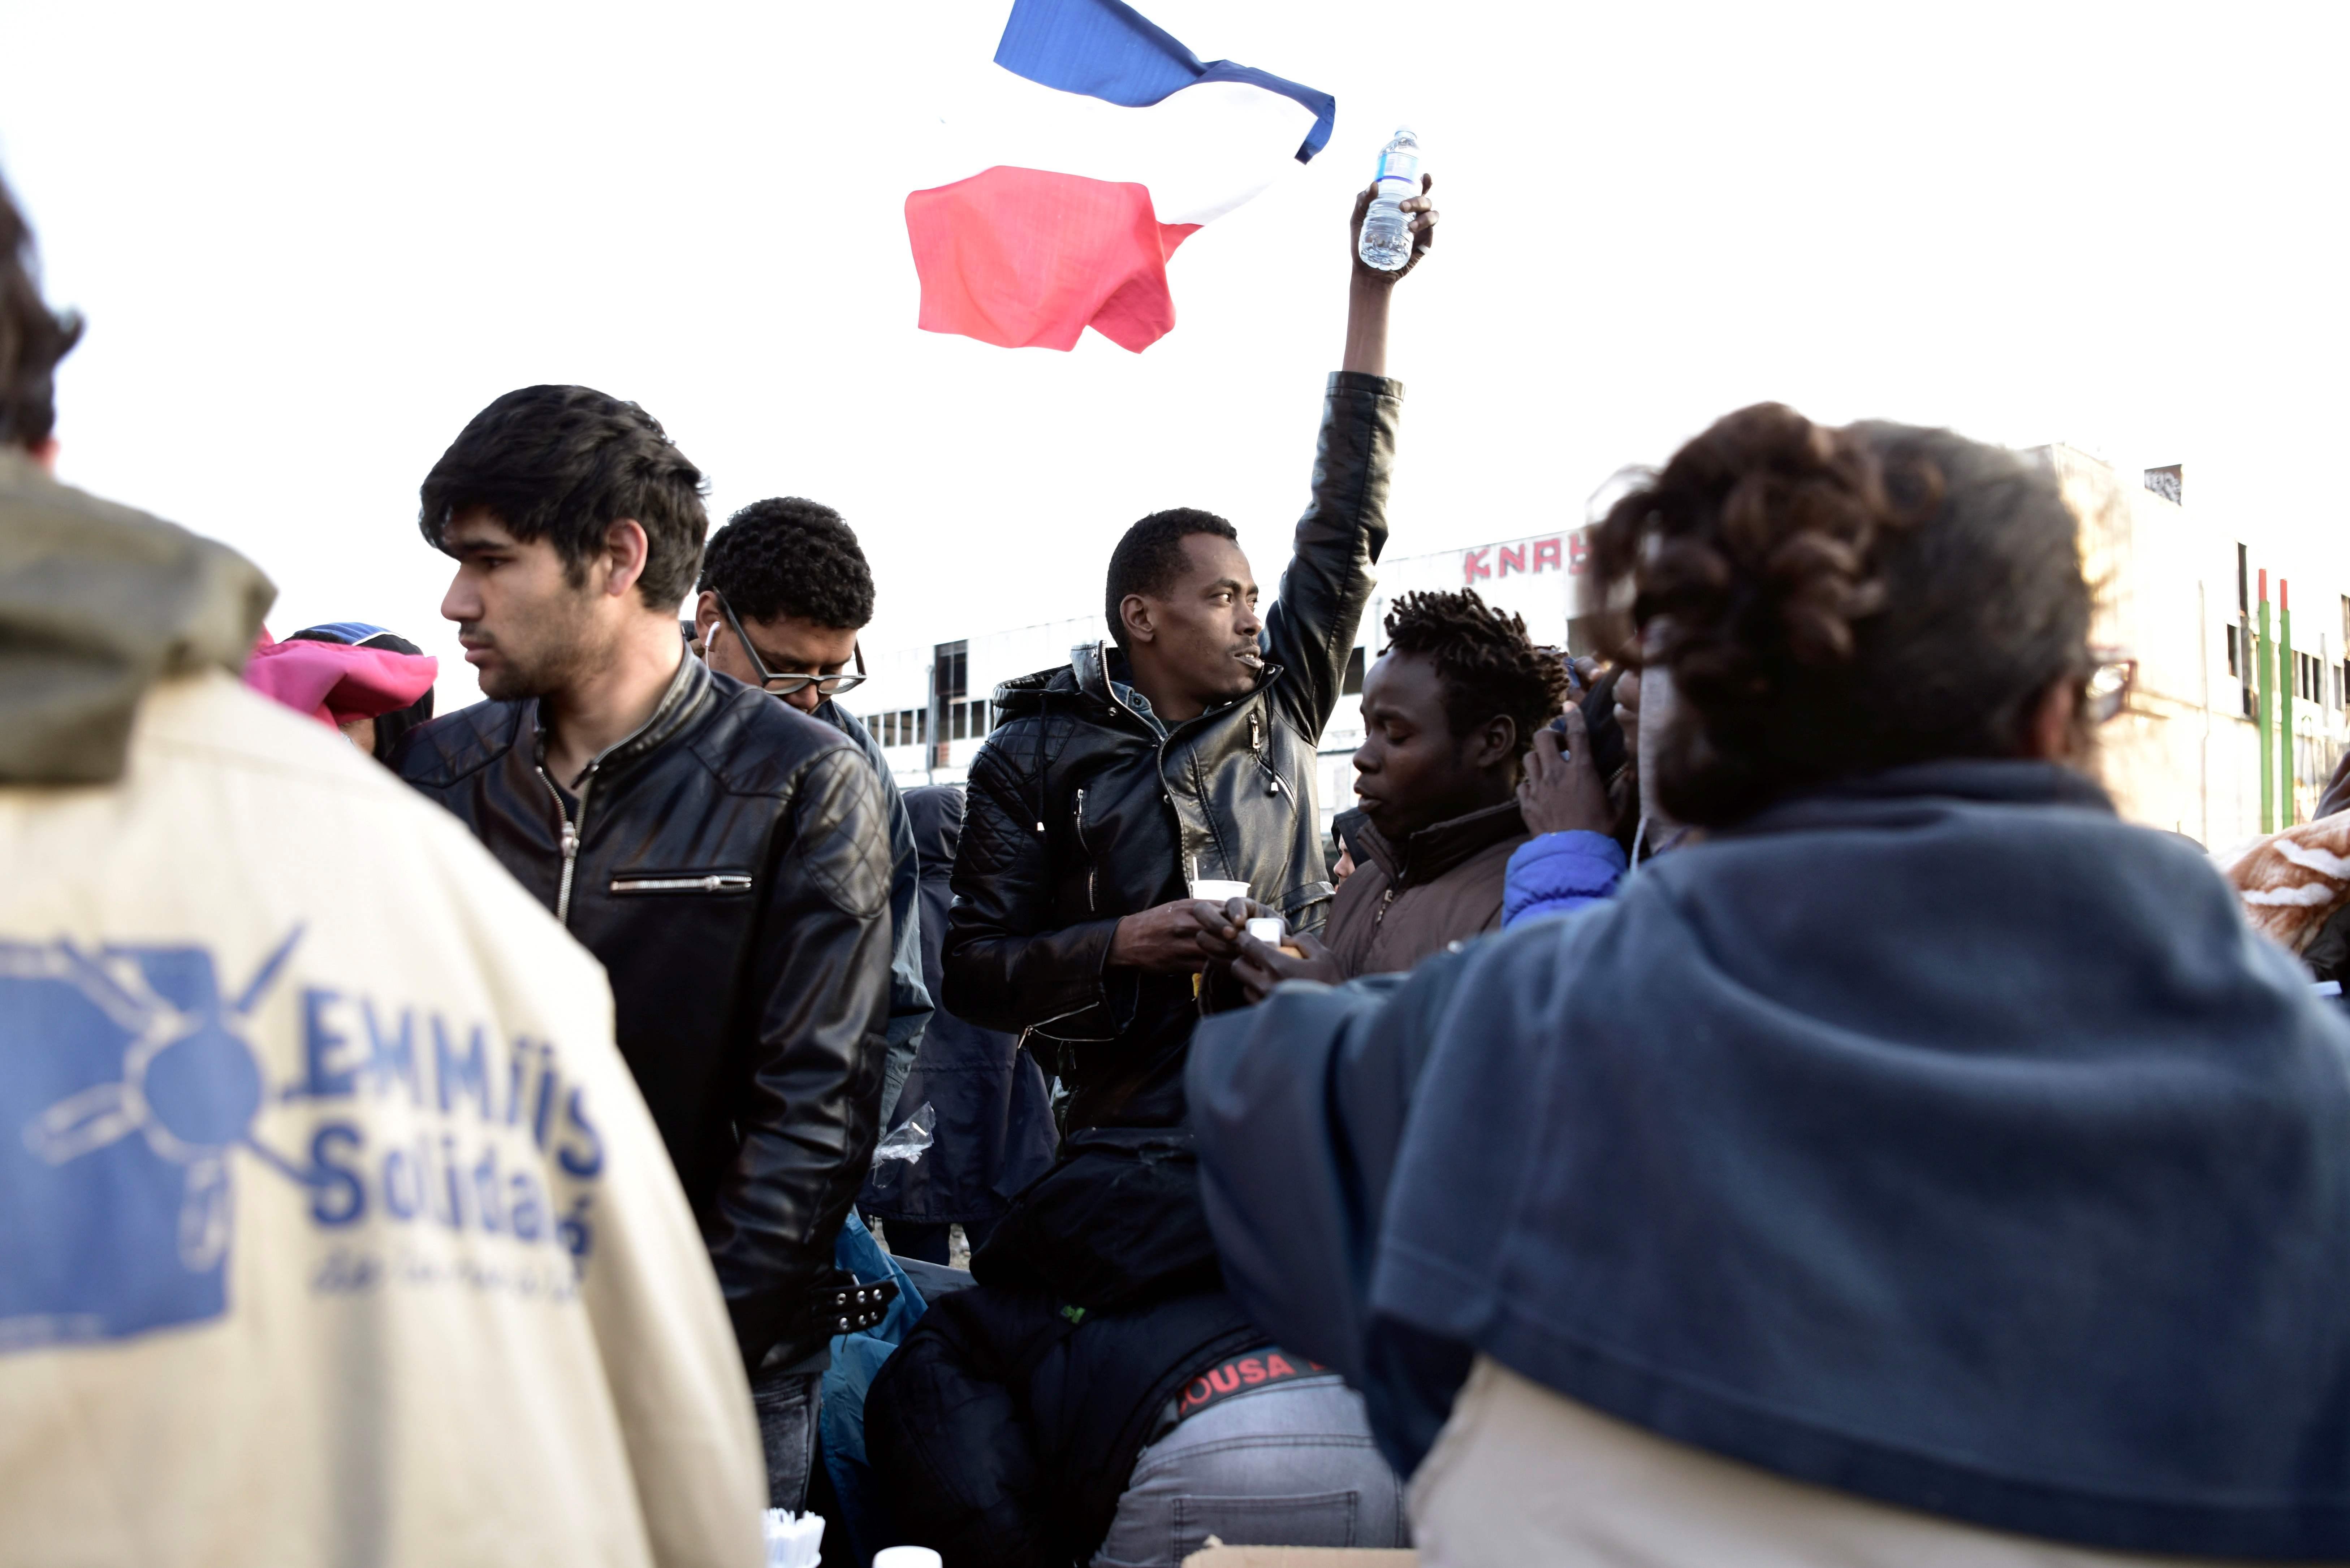 لاجئ يرفع علم فرنسا خلال اخلاء مخيم بباريس